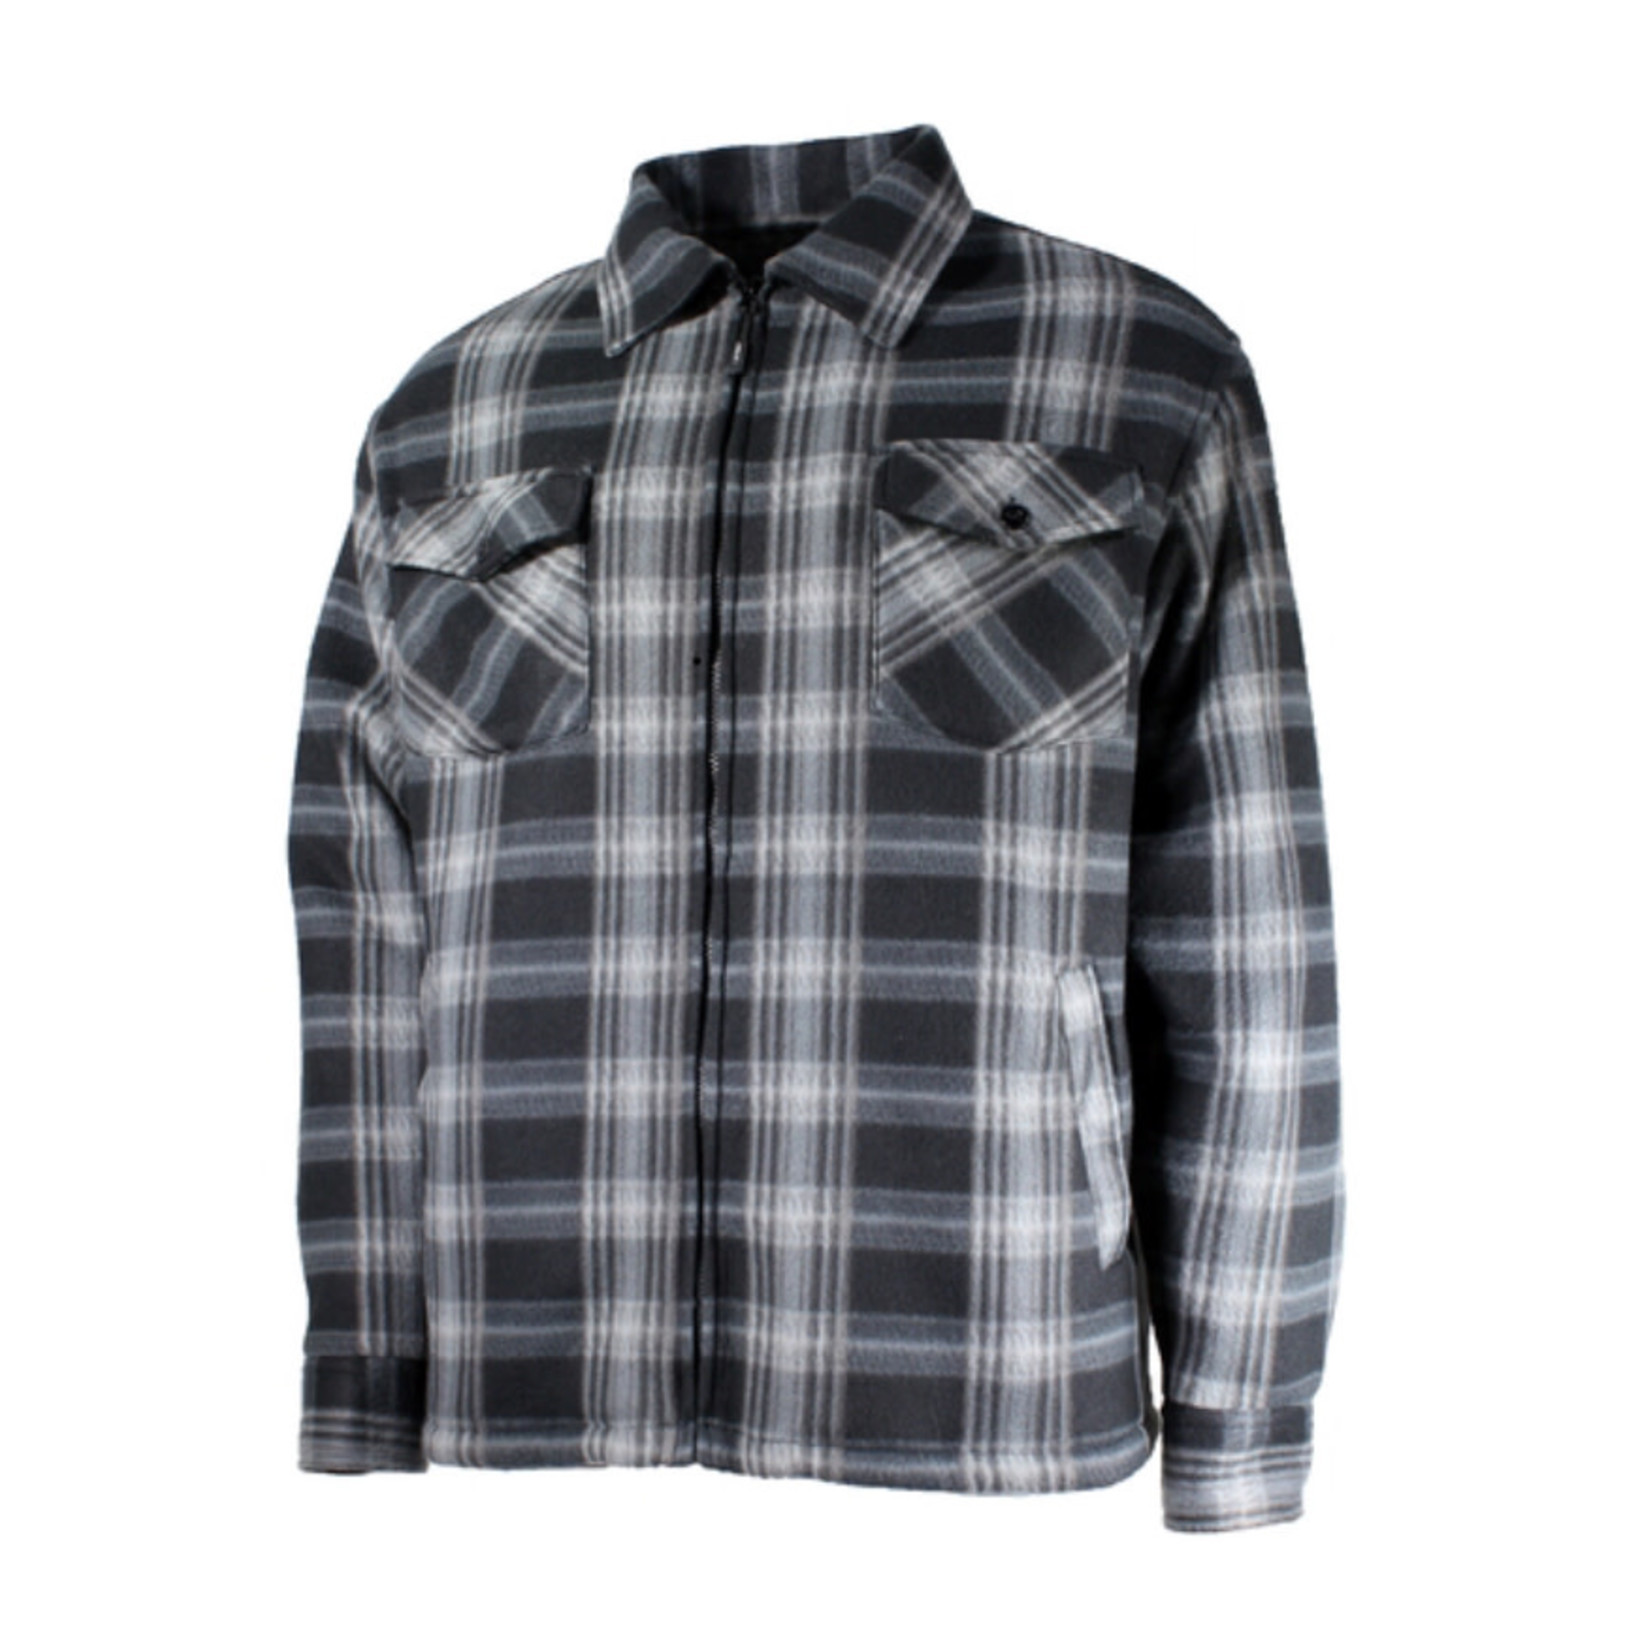 Gks Ganka GKS II Shirt Jacket - Fleece Boa Liner - 25-11